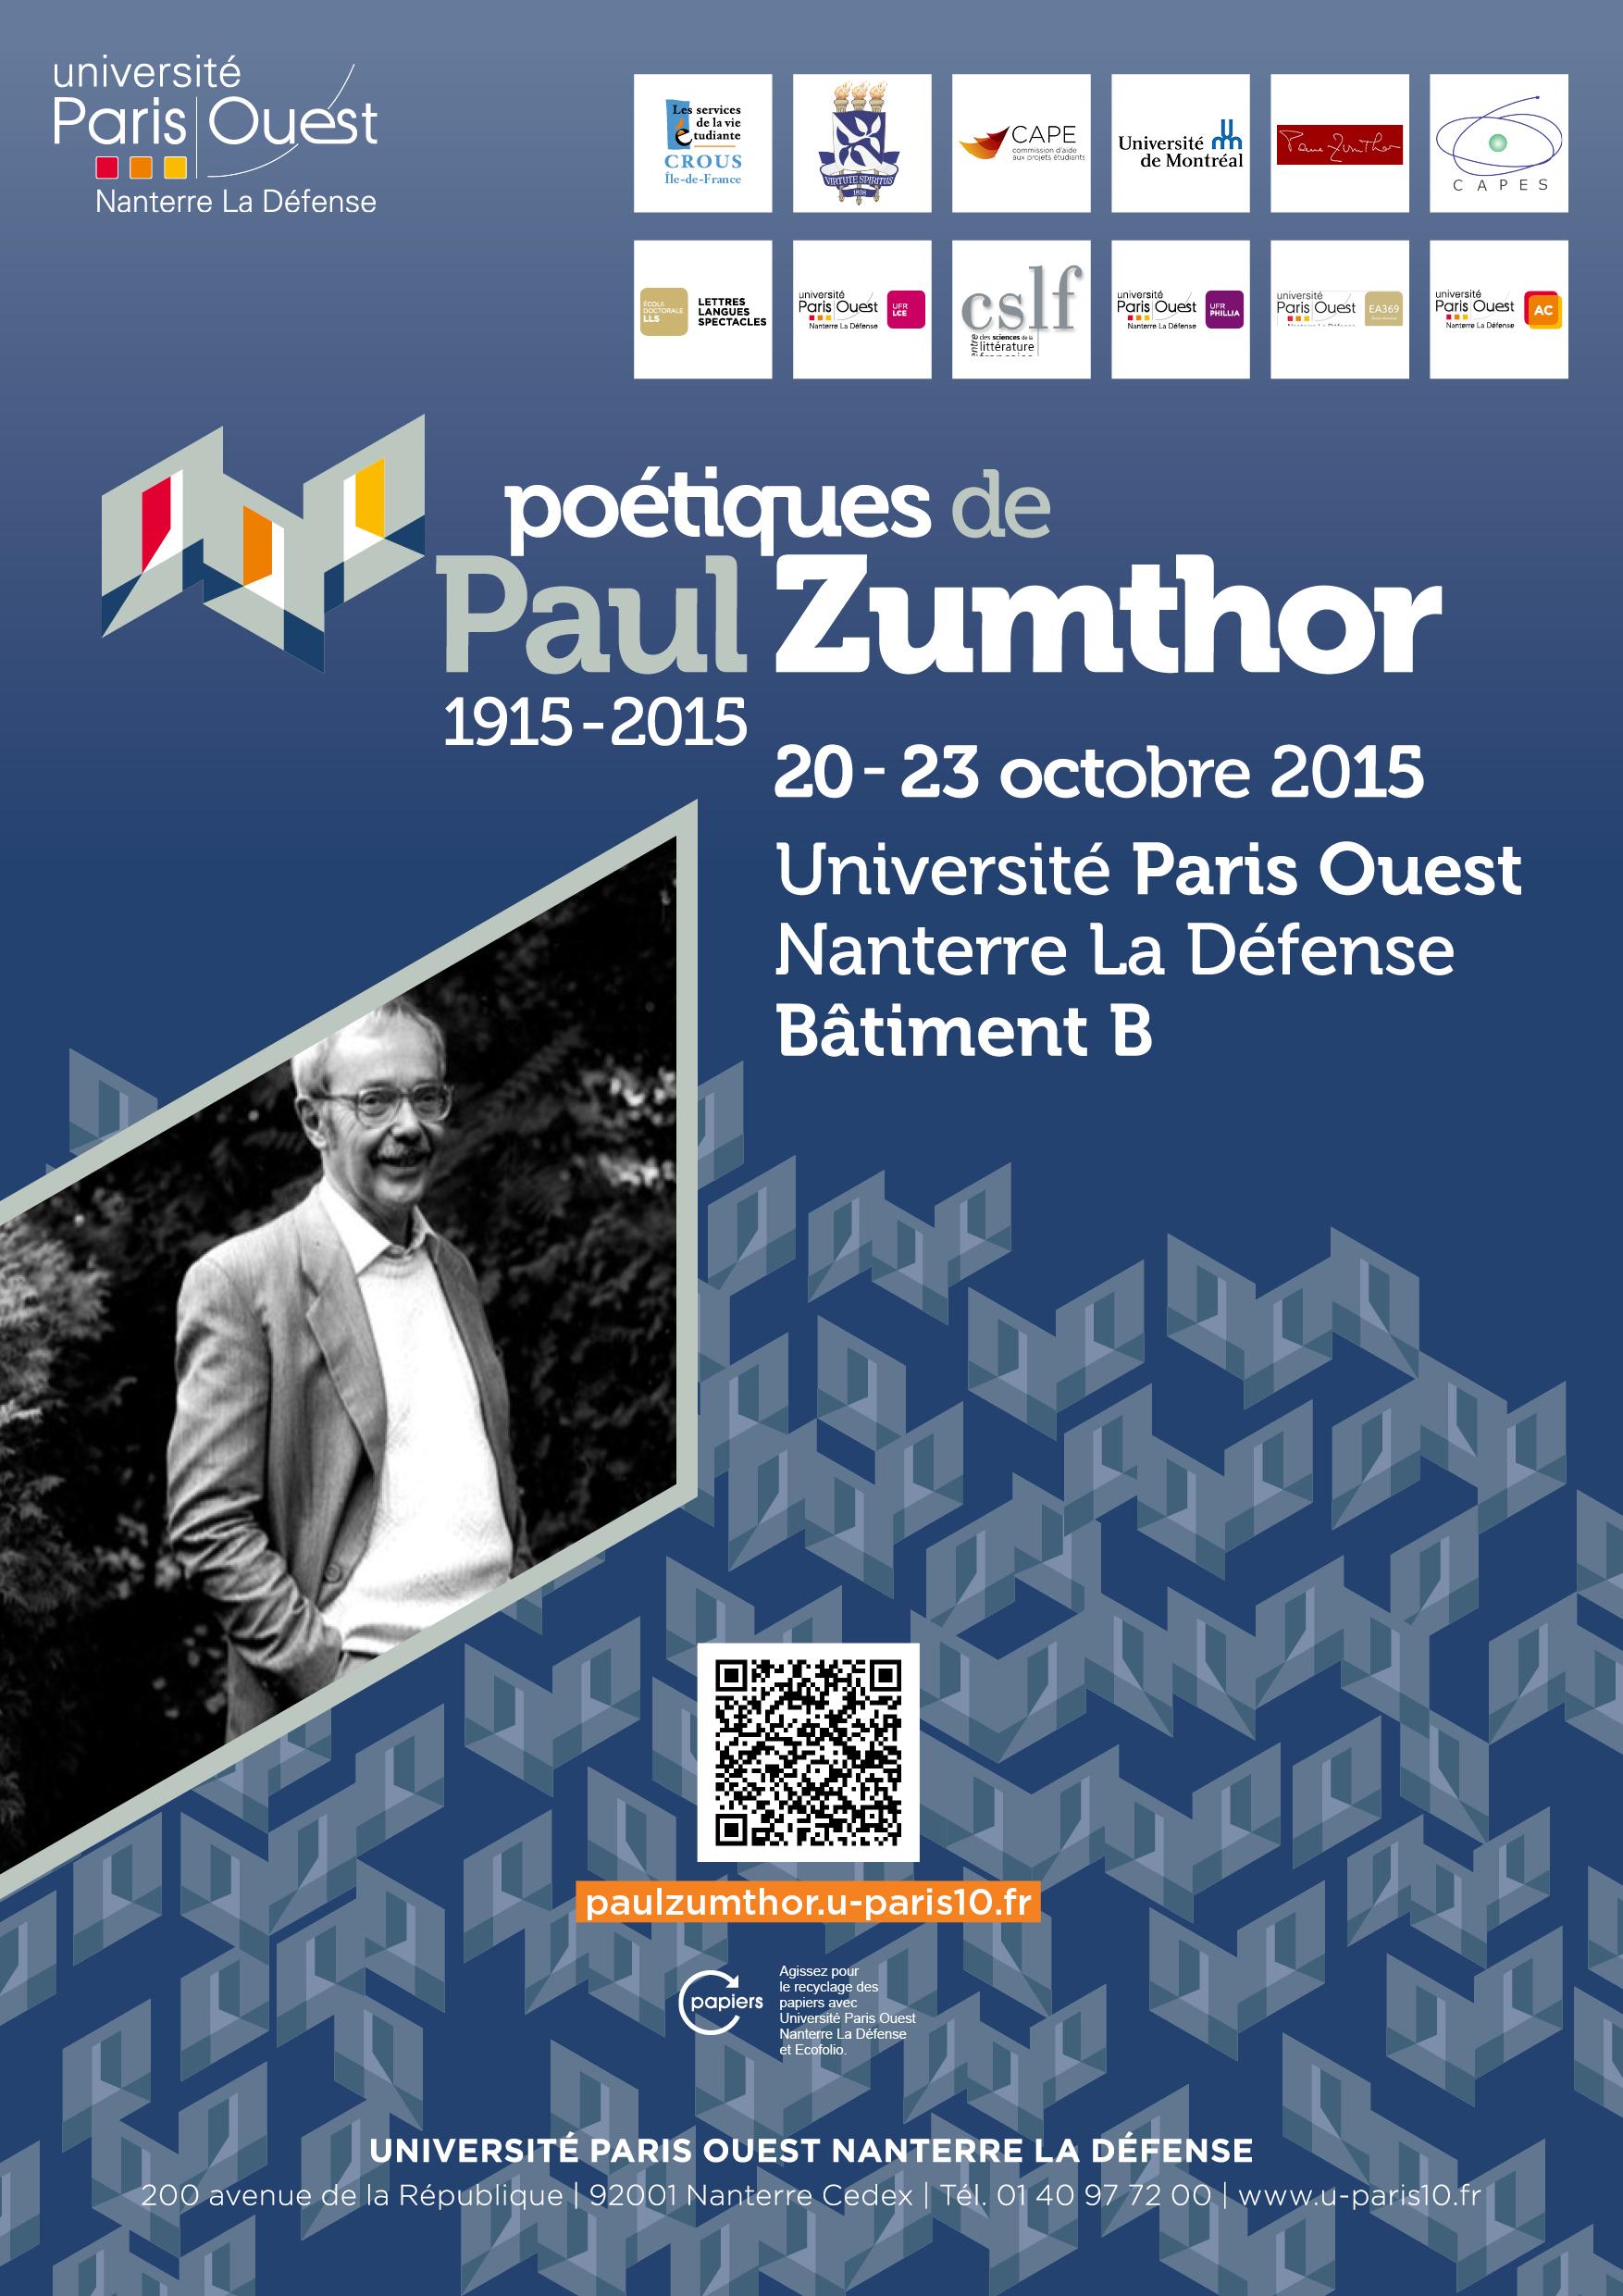 Poétiques de Paul Zumthor (1915-2015, Nanterre)